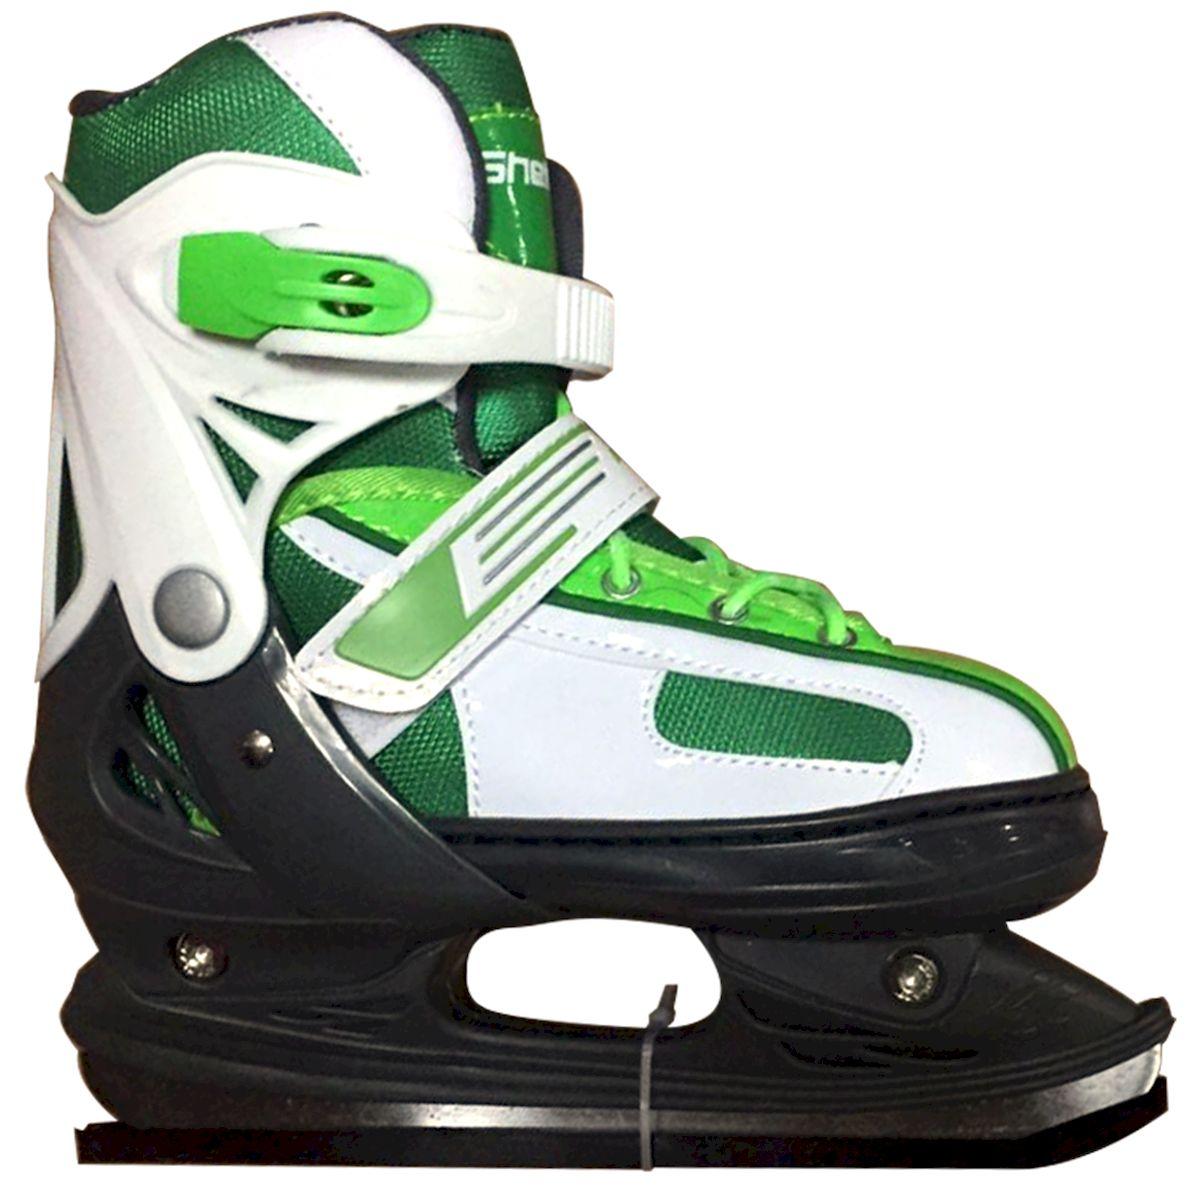 Коньки раздвижные Ice Blade Shelby, цвет: черный, зеленый, белый. УТ-00009127. Размер L (38/41)УТ-00009127Коньки раздвижные Shelby - это классические раздвижные коньки от известного бренда Ice Blade, которые предназначены для детей и подростков, а также для тех, кто делает первые шаги в катании на льду. Коньки имеют яркий молодежный дизайн, теплый внутренний сапожок, удобная трехуровневая система фиксации ноги, легкая смена размера, надежная защита пятки и носка - все это бесспорные преимущества модели. Коньки поставляются с заводской заточкой лезвия, что позволяет сразу приступить к катанию и не тратить денег на заточку. Предназначены для использования на открытом и закрытом льду. Характеристики: Тип фиксации: клипса с фиксатором, липучка, шнурки Материал ботинка: морозостойкий пластик Внутренняя отделка: теплый текстильный материал Лезвие: выполнено из высокоуглеродистой стали с покрытием из никеля Упаковка: удобная сумка